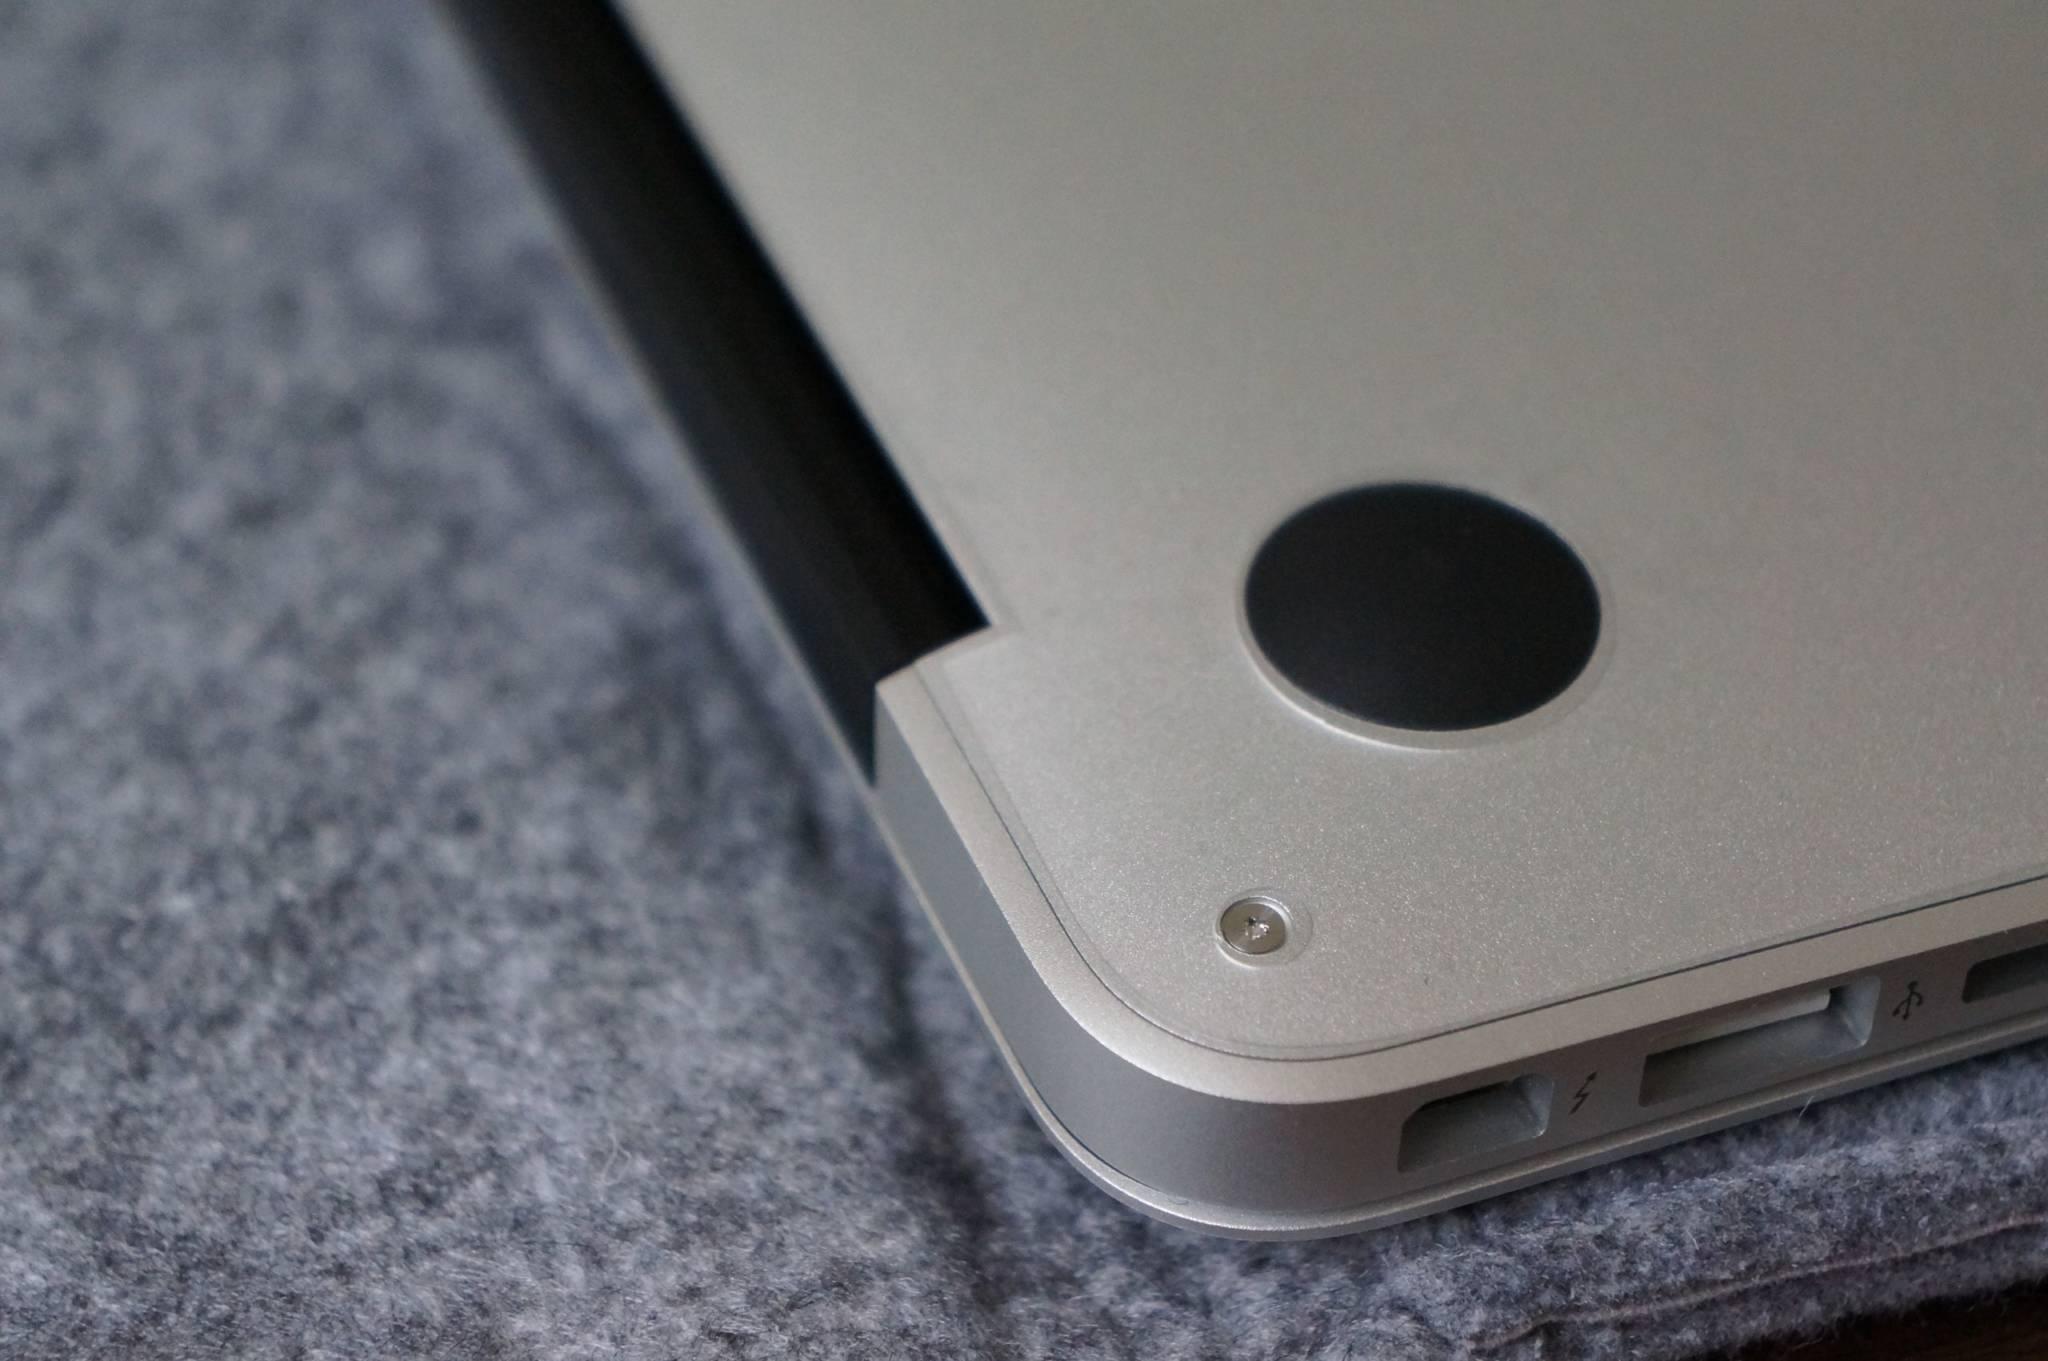 Erfahrungsbericht- bestskinsever für das MacBook Air